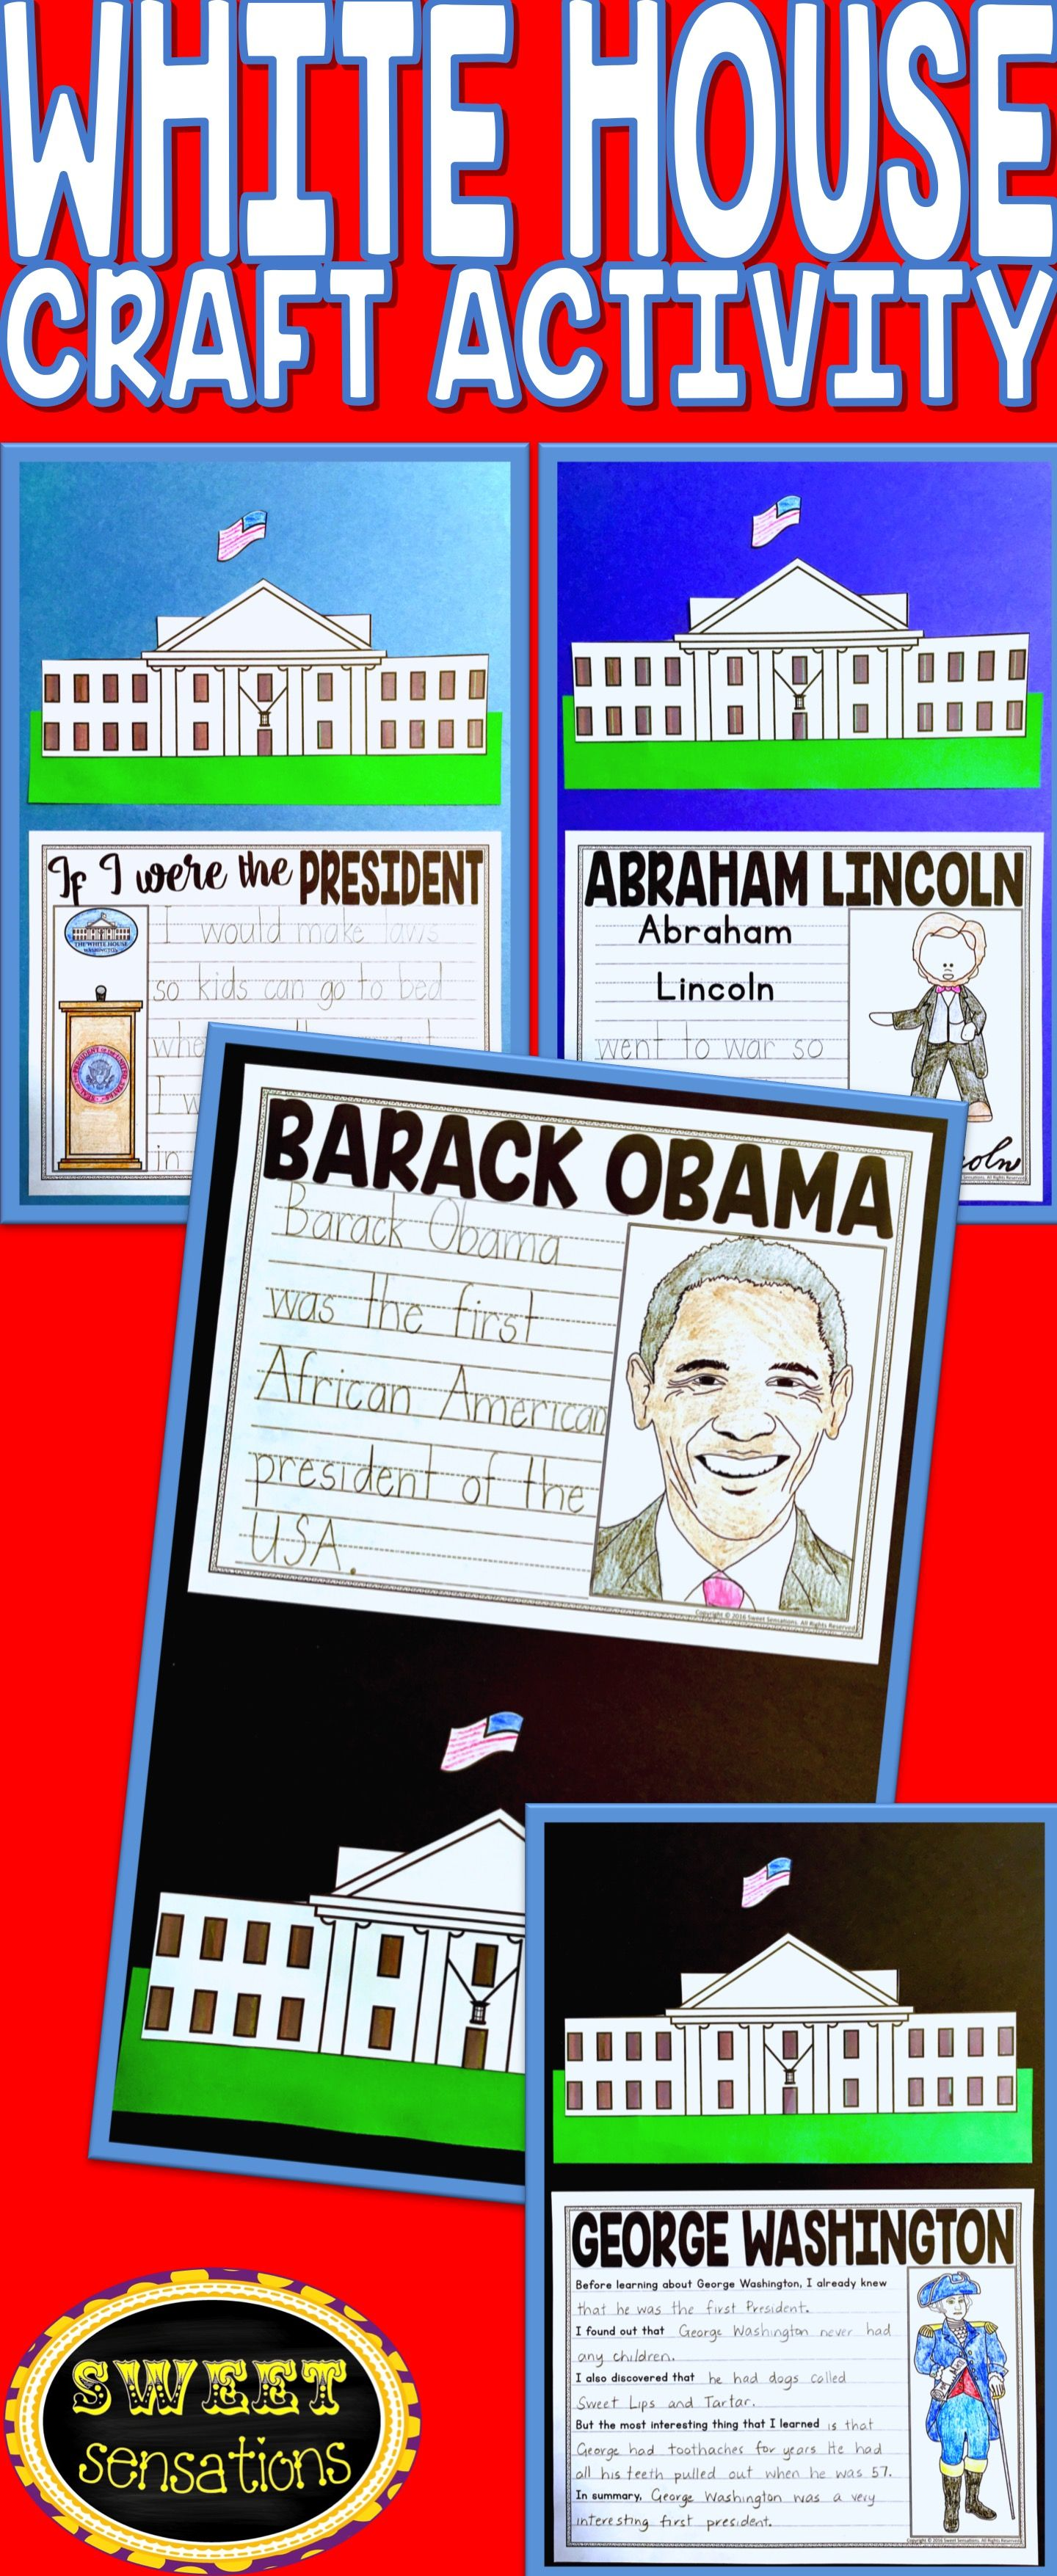 Barack Obama Abraham Lincoln George Washington